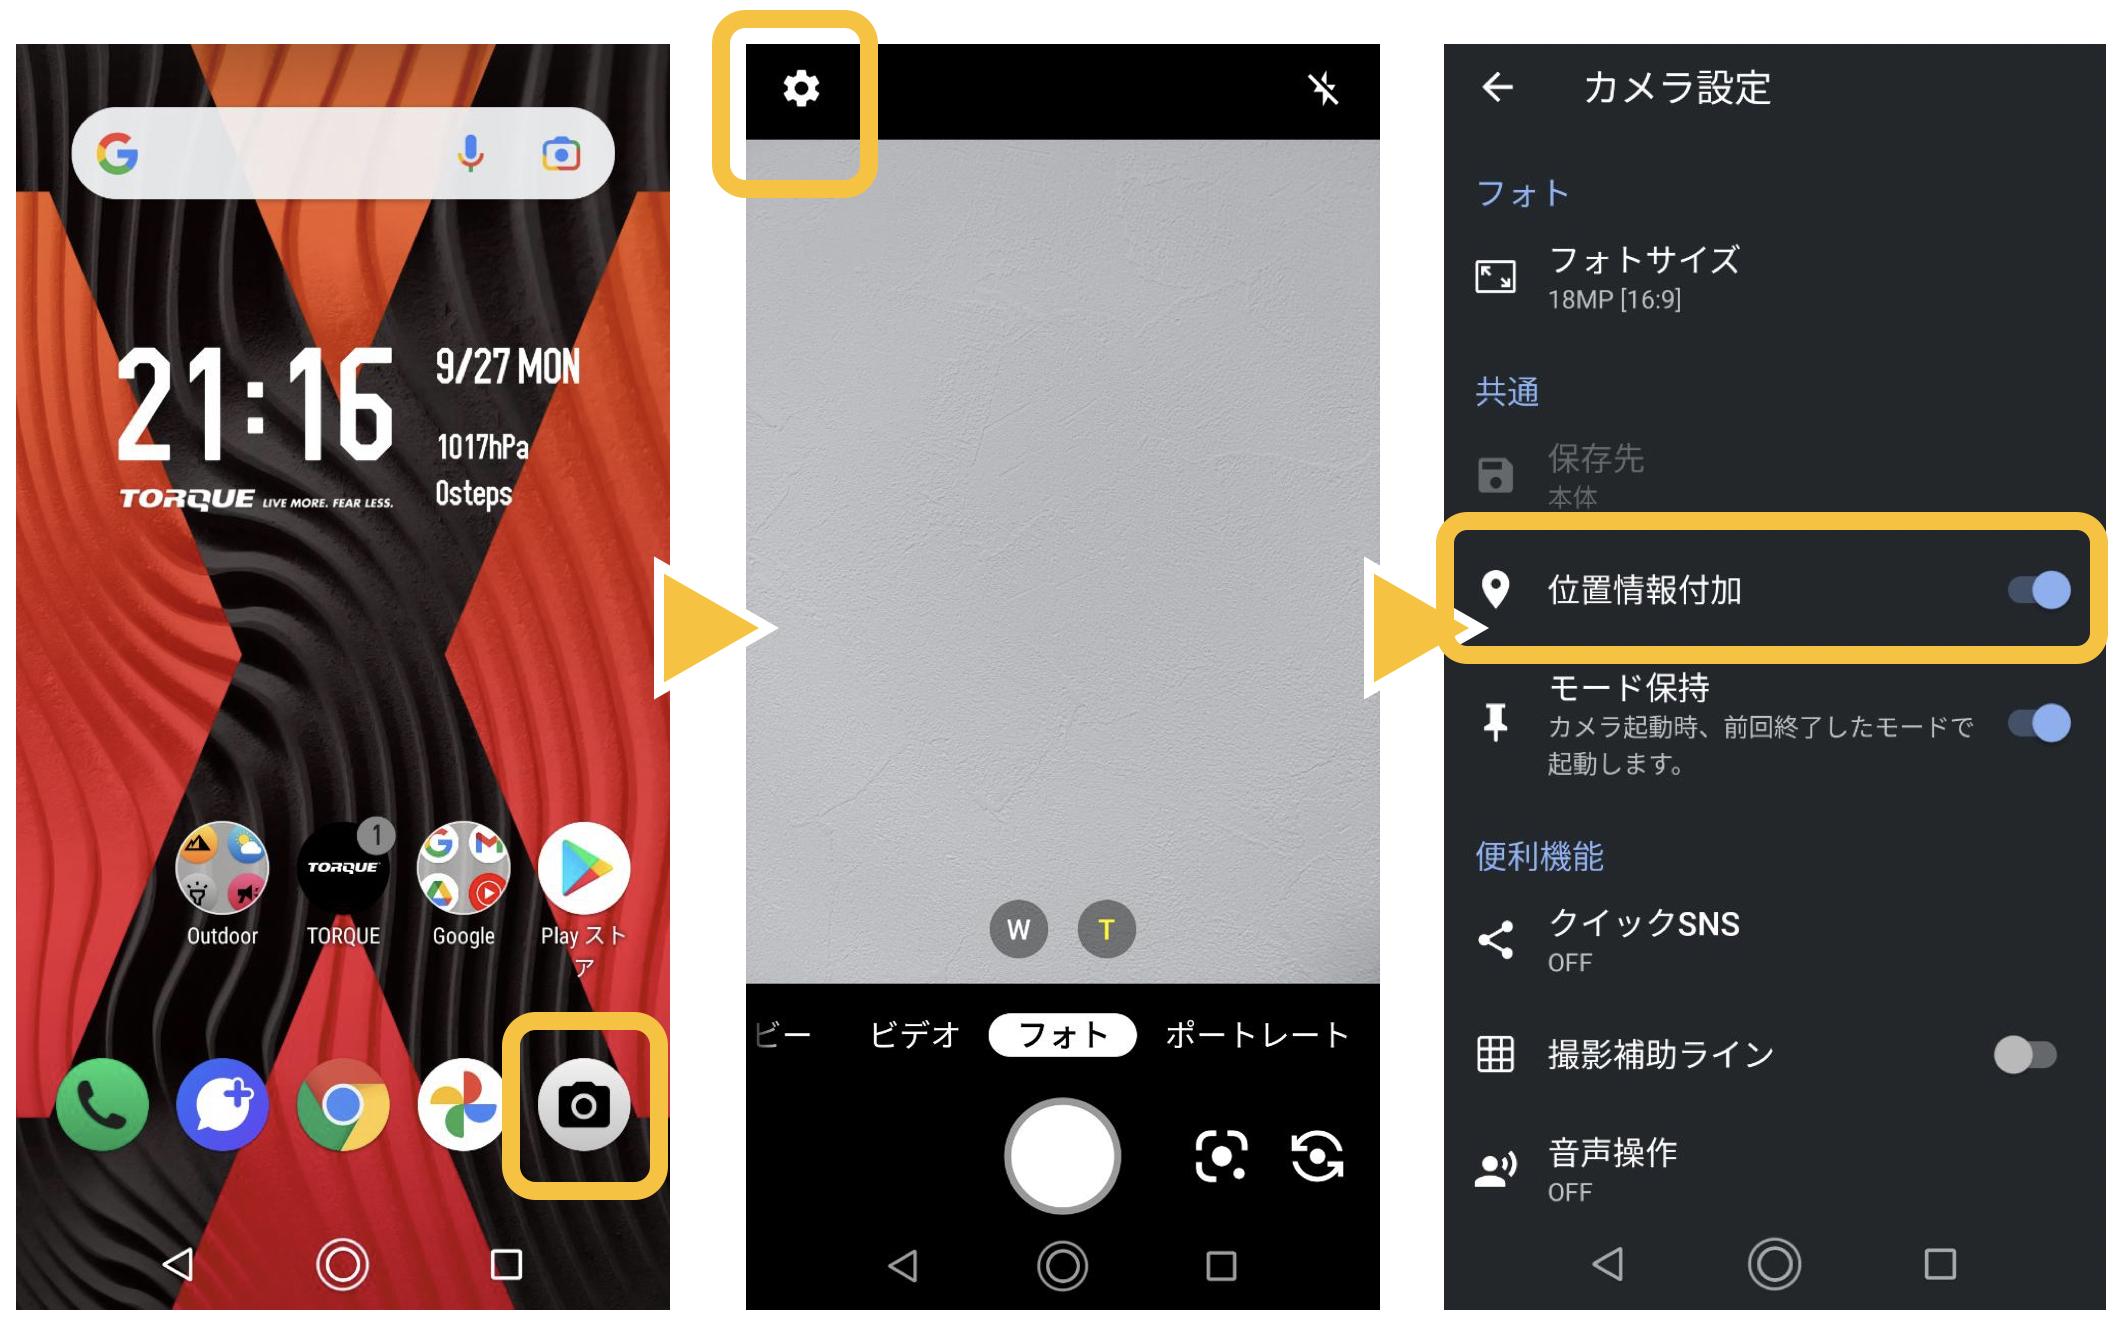 「TORQUE 5G」におけるカメラの位置情報の設定方法